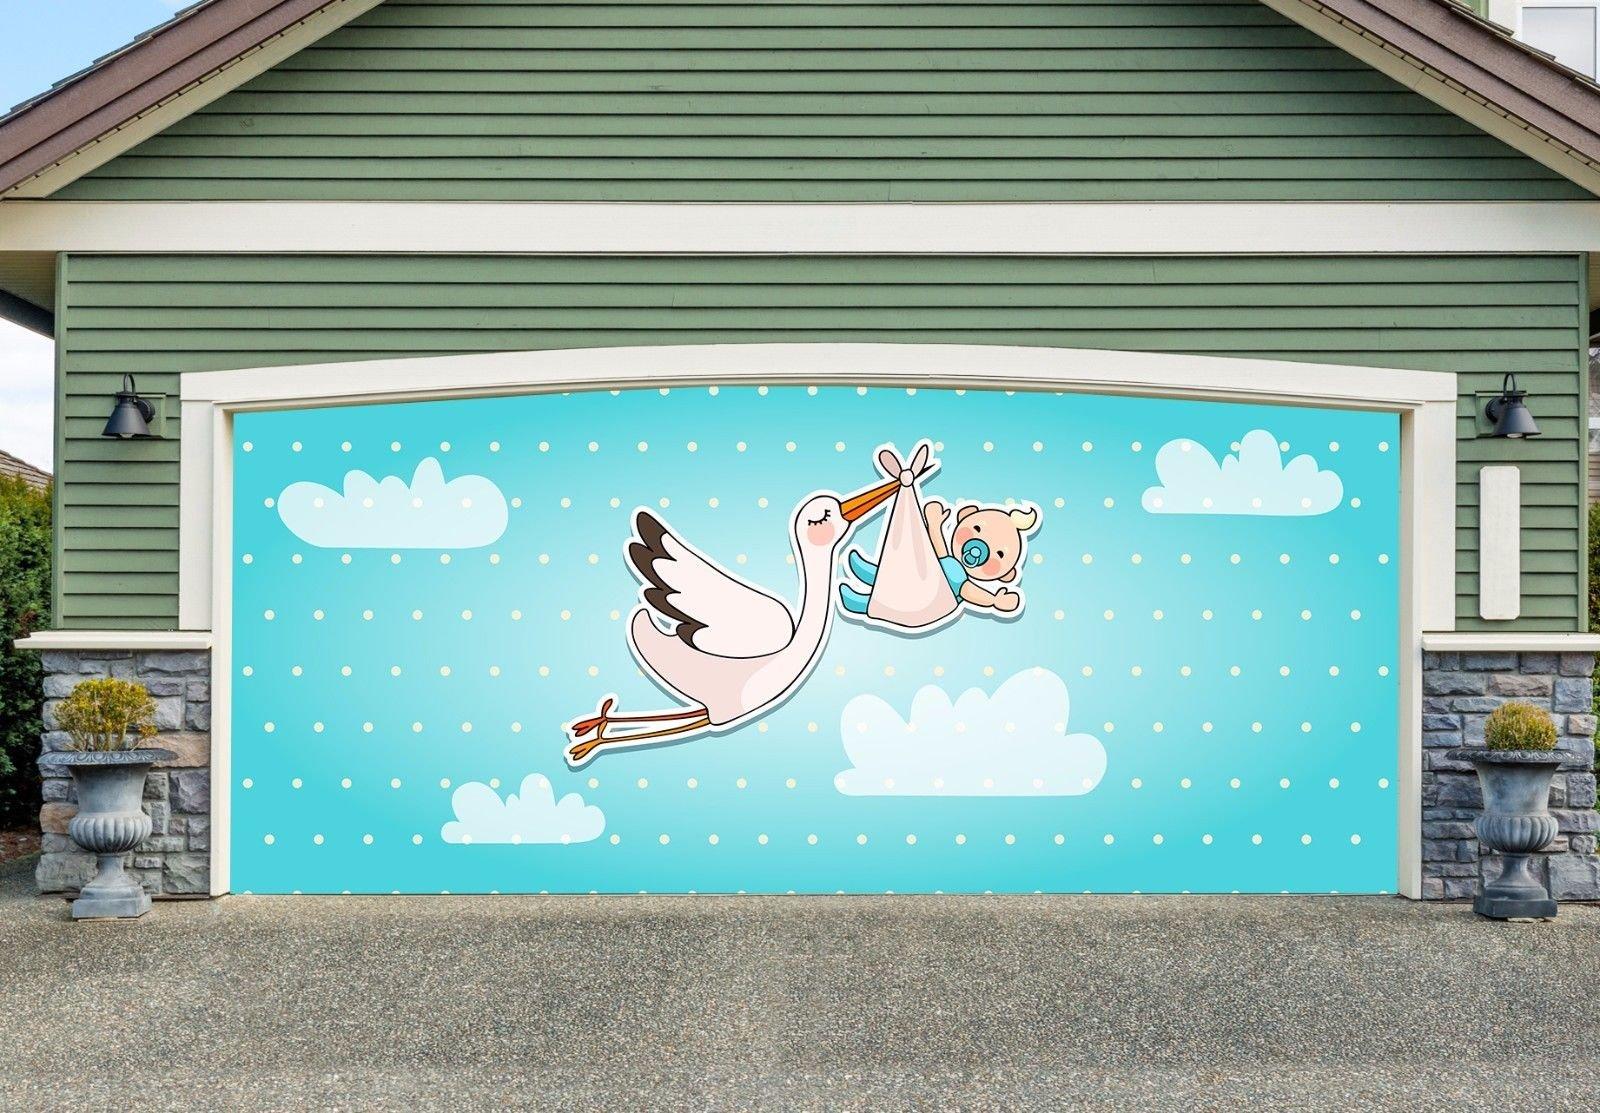 BABY SHOWER ANNOUNCEMENT Double Garage Door Mural Full Color 3D Print Door Cover Billboard Decor for Home Murals size 82x188 Dav152